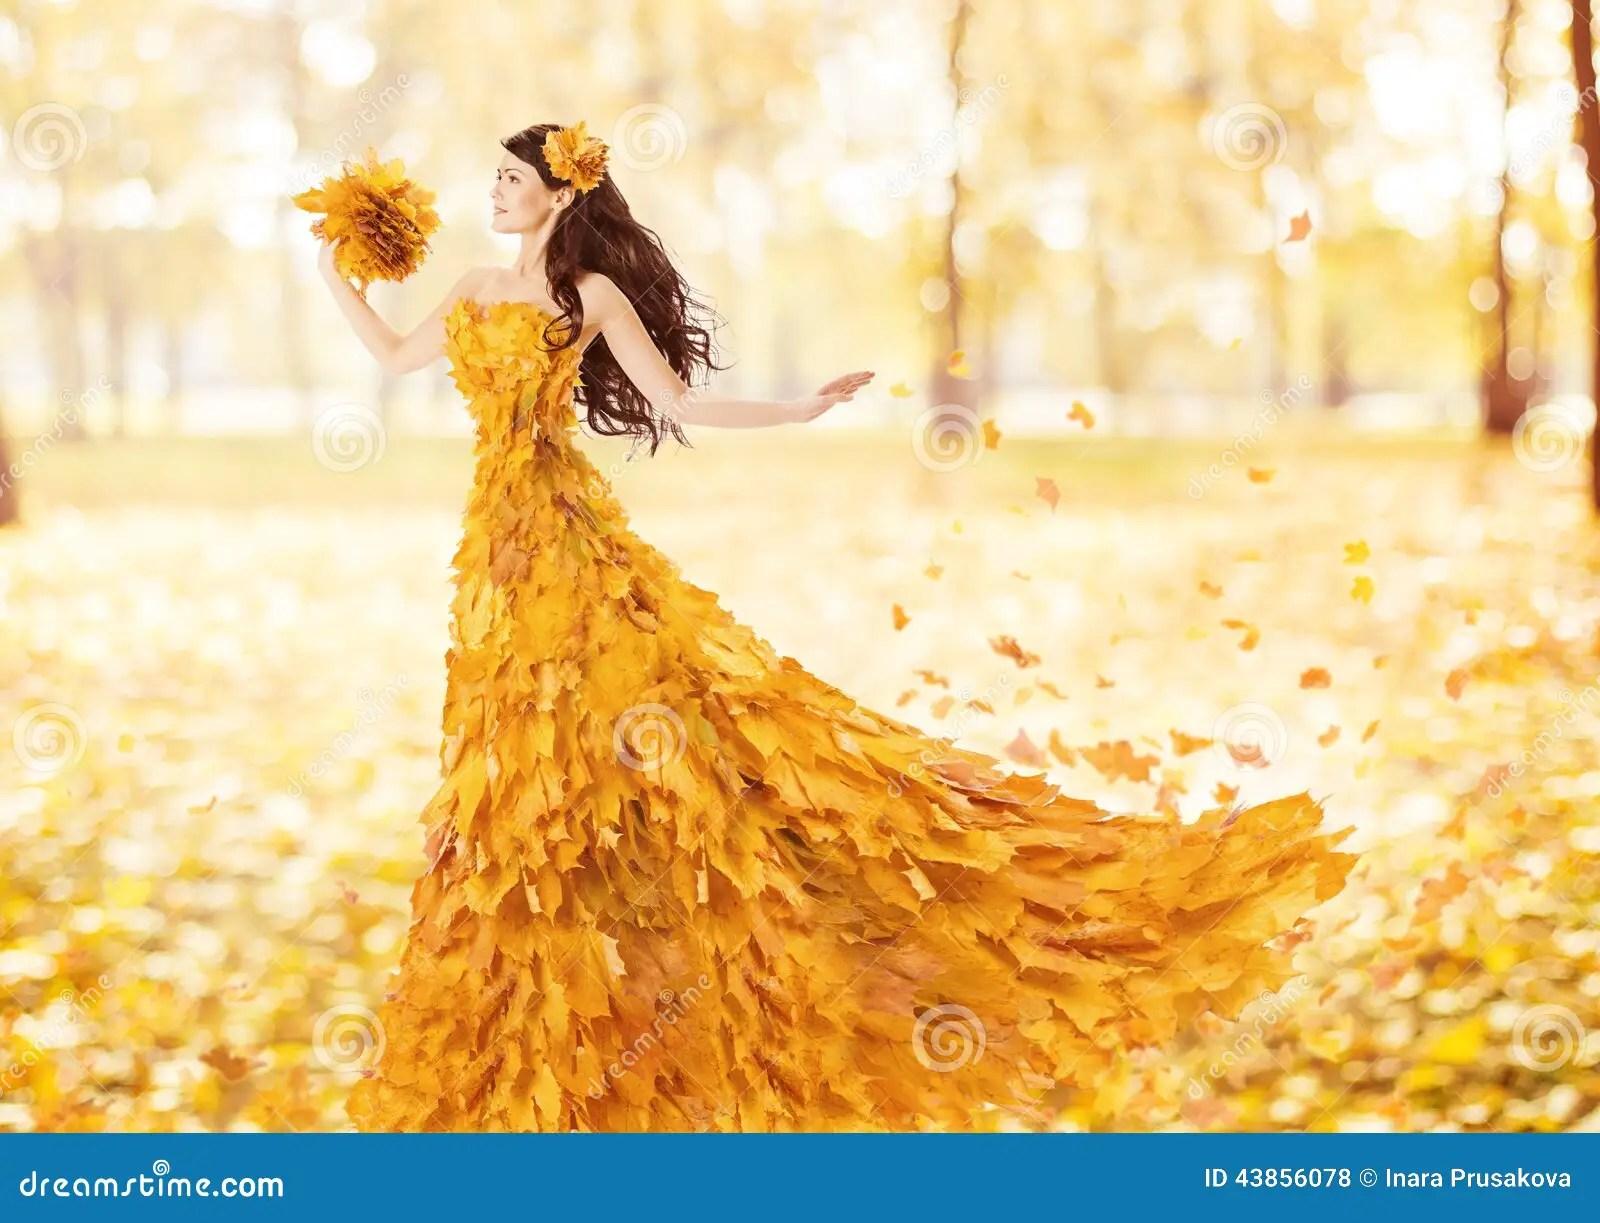 Autumn Tree Leaf Fall Animated Wallpaper Mulher Do Outono No Vestido Da Forma Das Folhas De Bordo